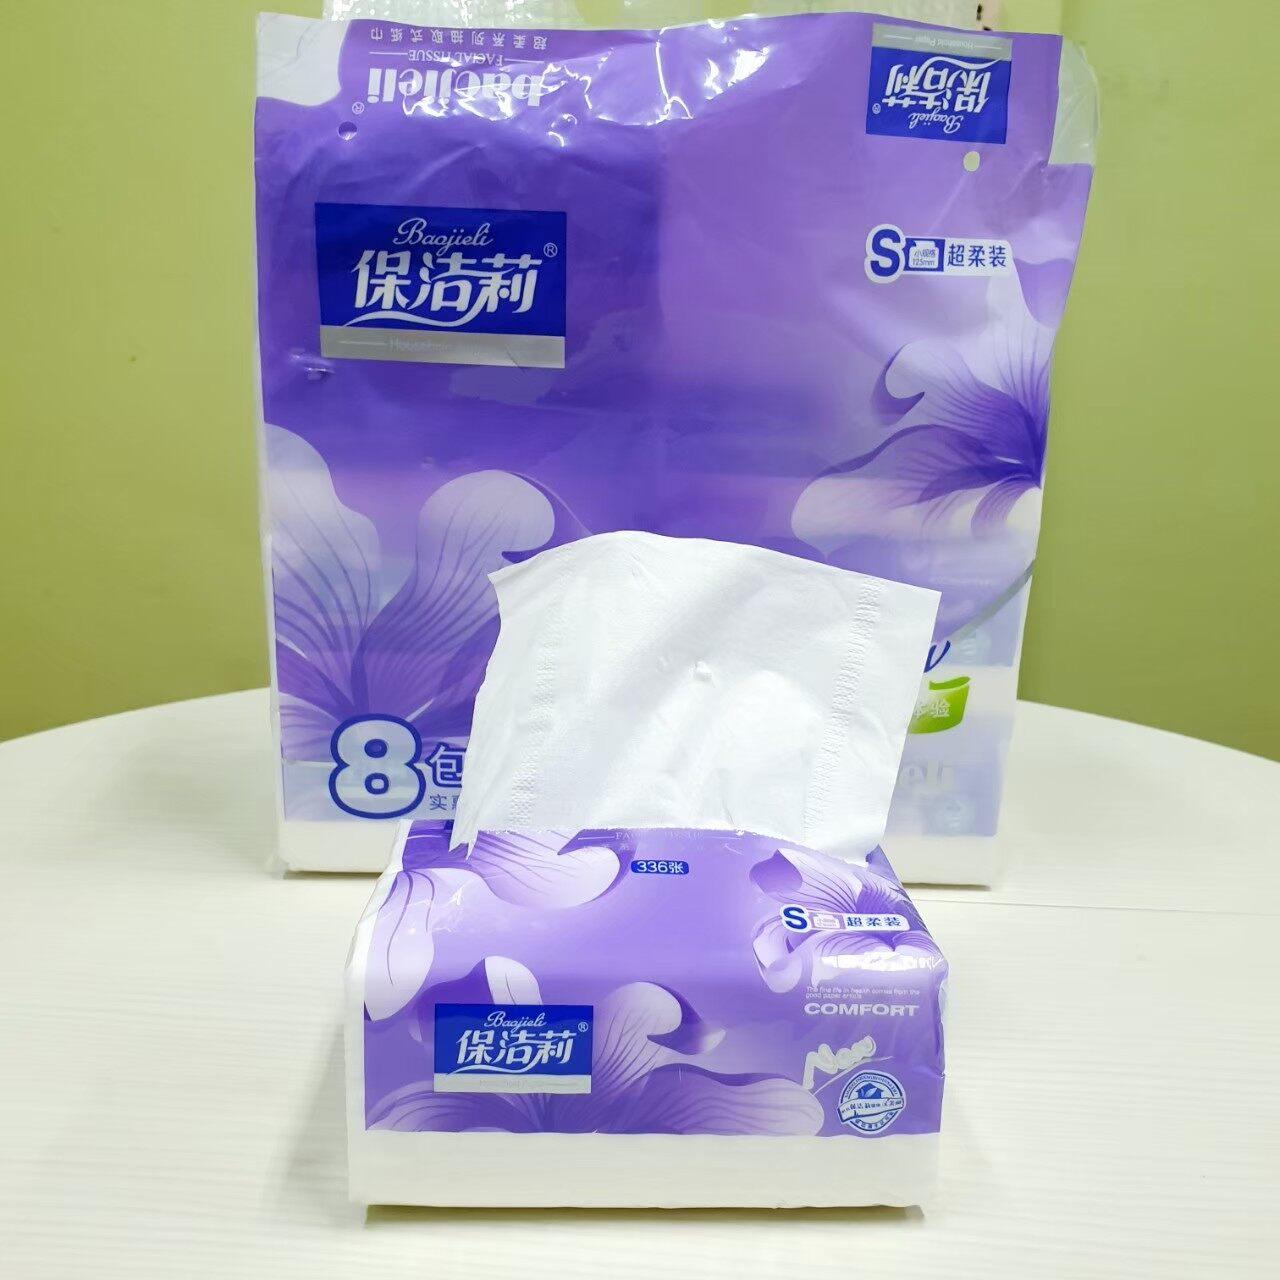 กระดาษทิชชู ห่อสีแดง 1 แพ็ค 8 ห่อ กระดาษเช็ดมือ กระดาษเช็ดปาก Tissue Bigh.